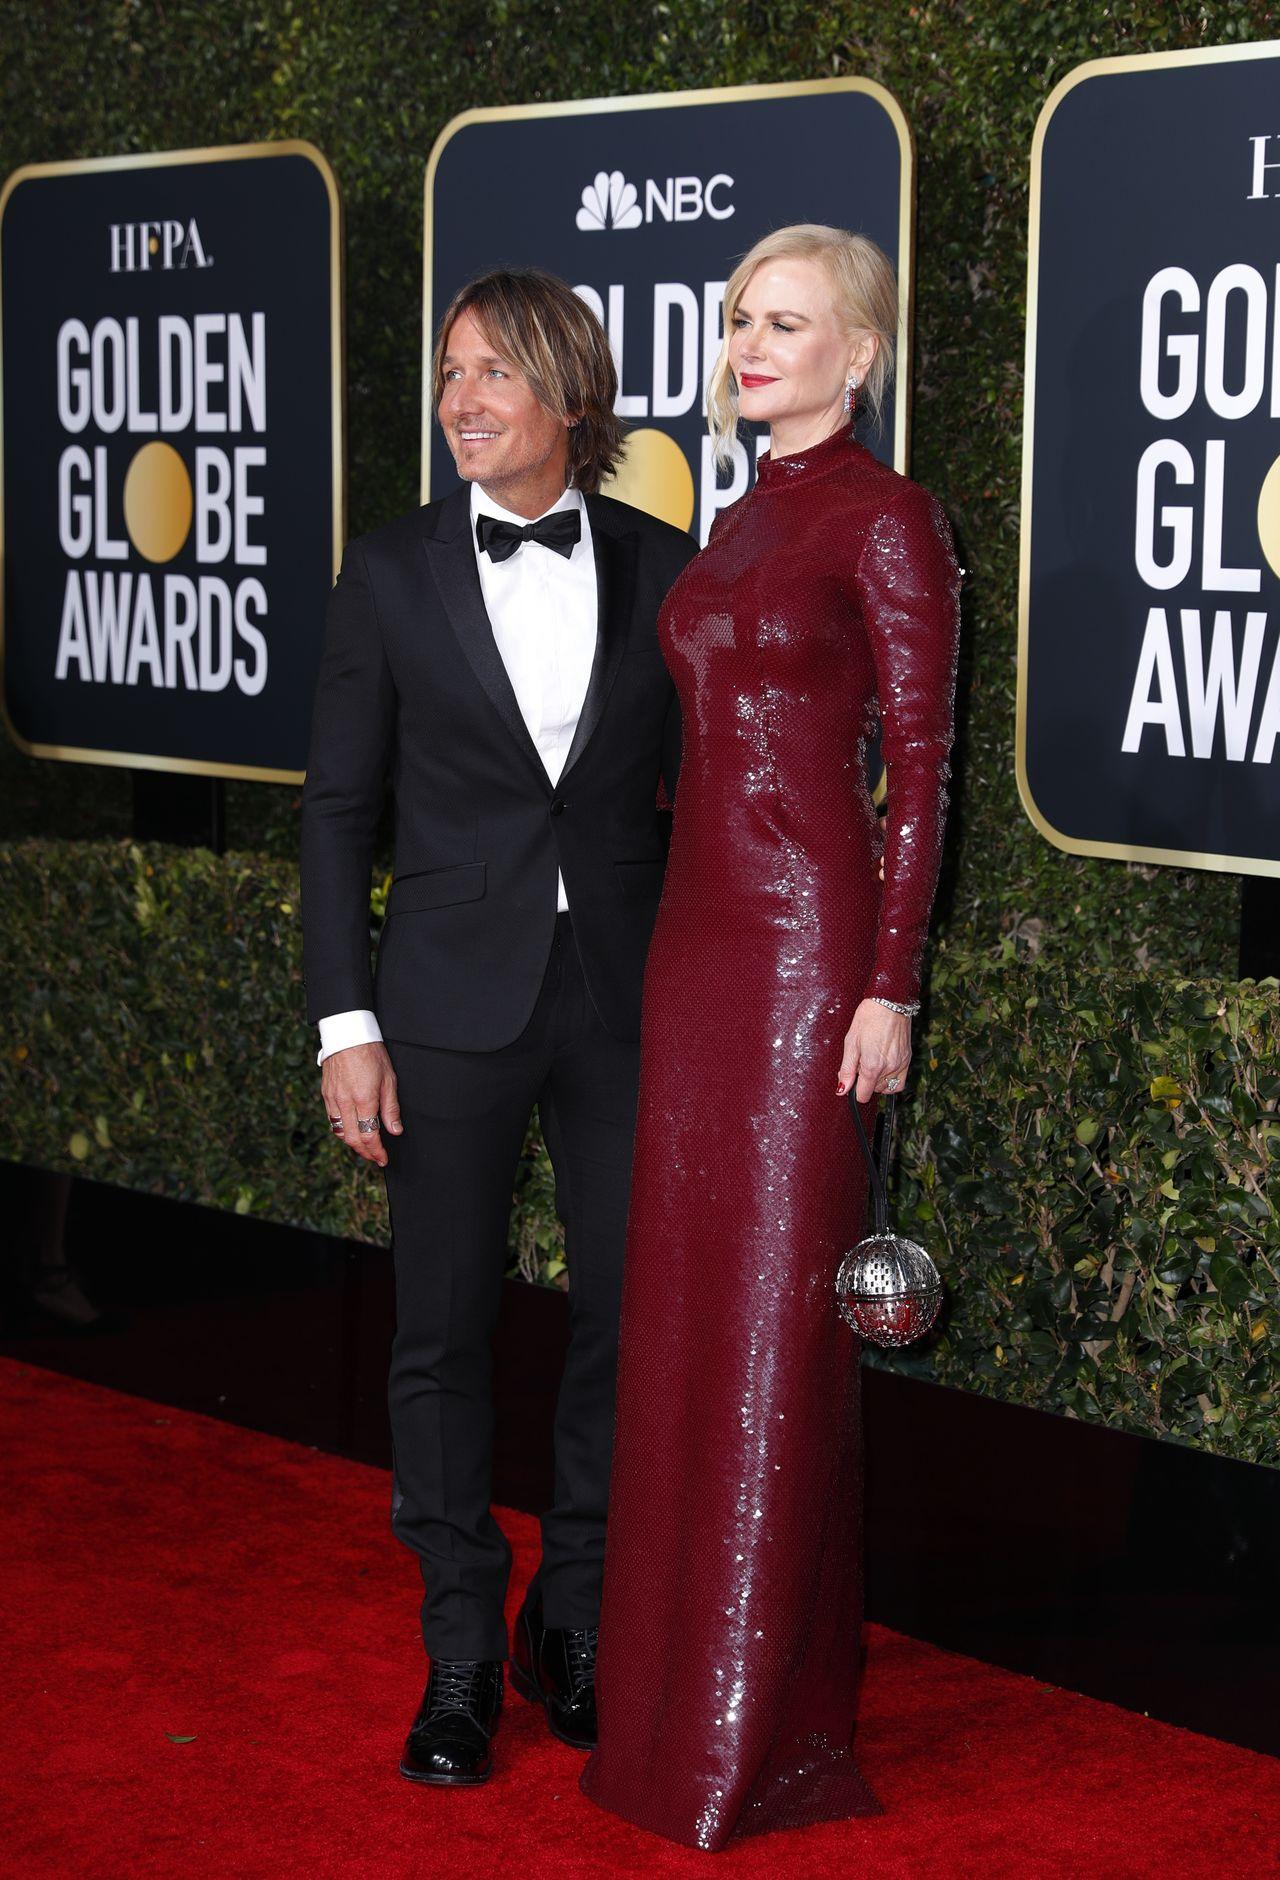 Wszyscy mówią o FRYZURZE Nicole Kidman! Nie zgadniecie co miała z tyłu